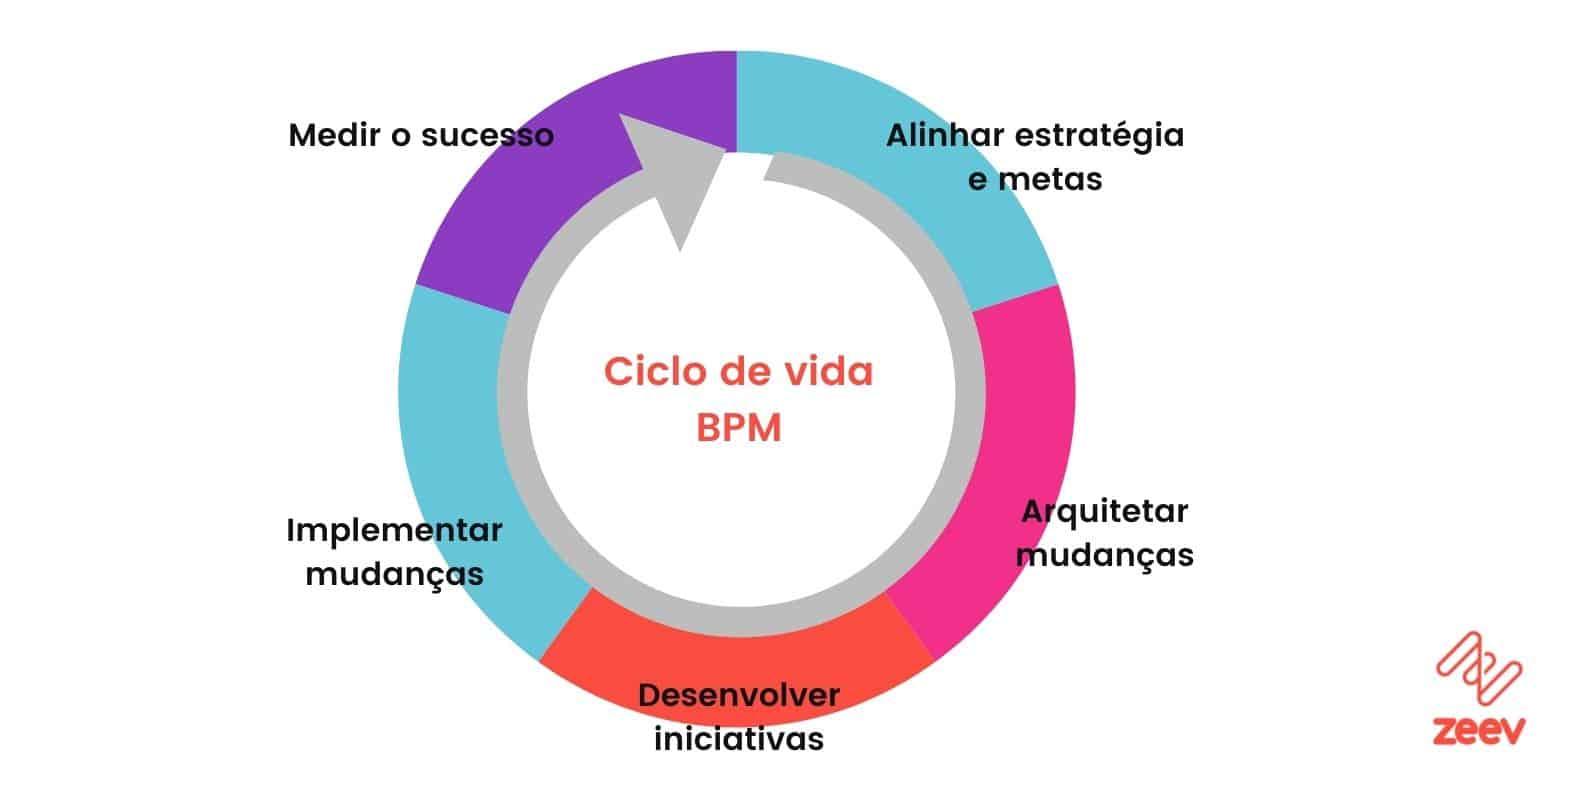 Ciclo de vida do BPM